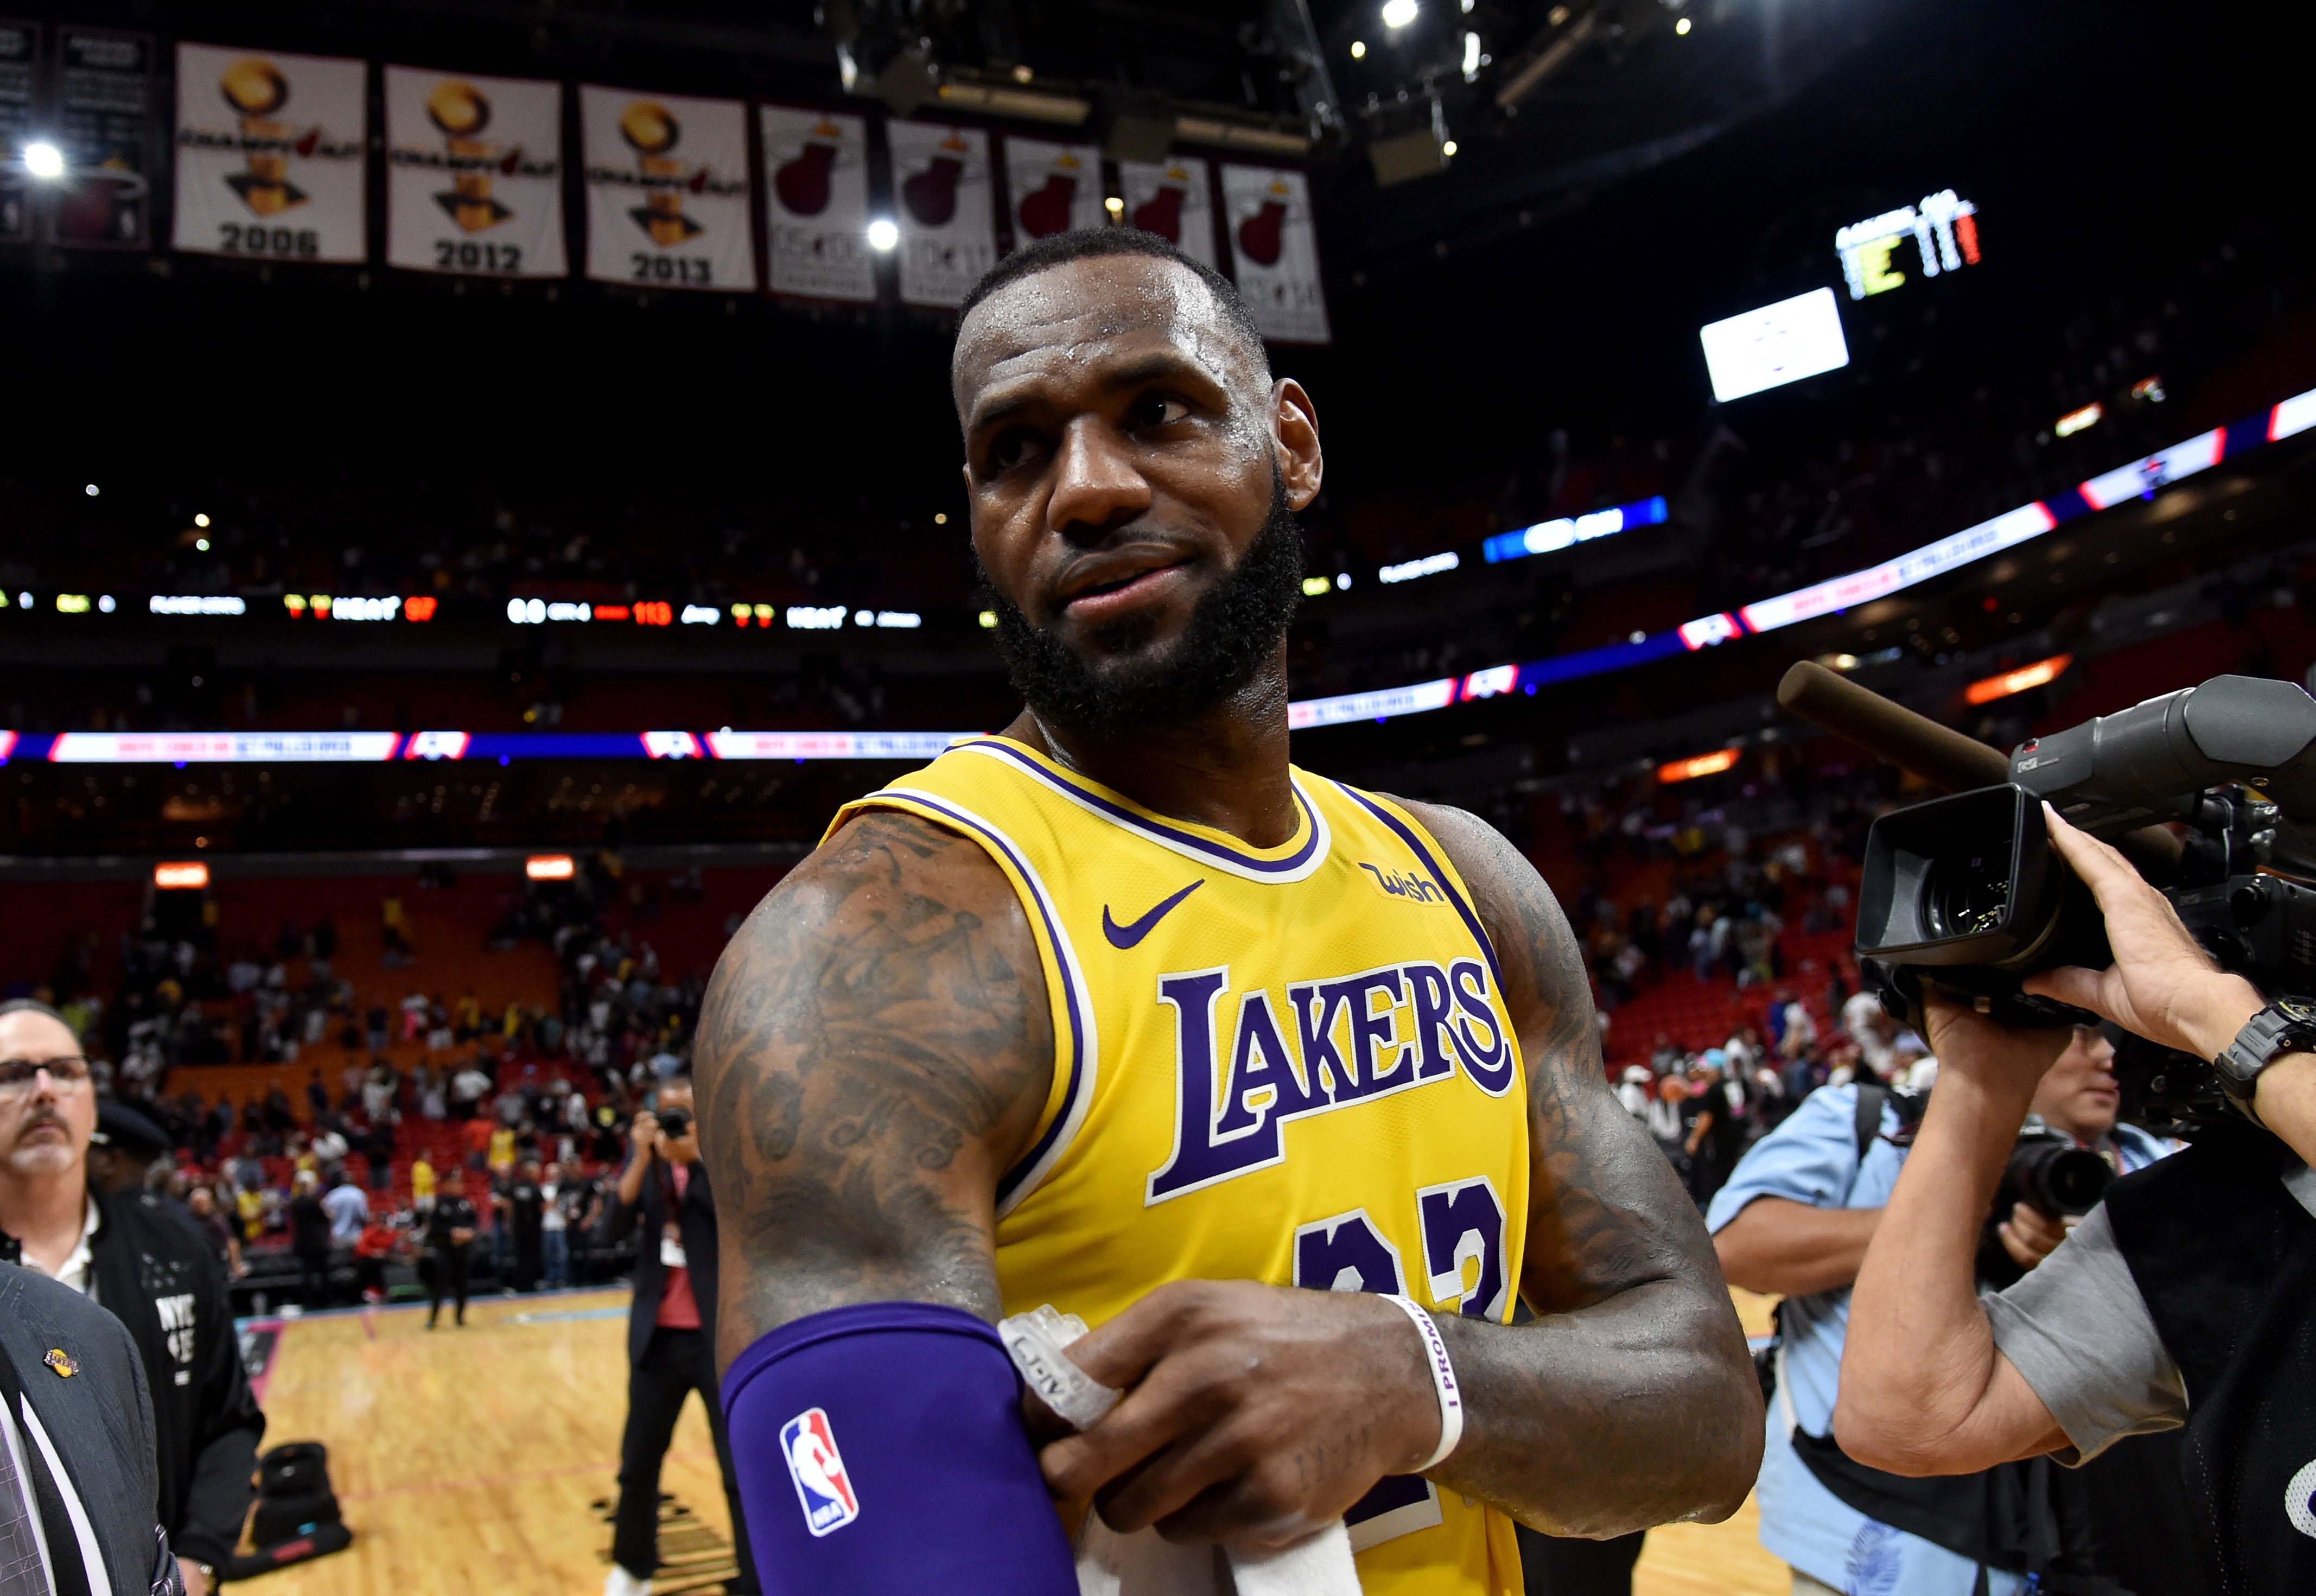 LeBron James joins Kobe Bryant, Kareem Abdul-Jabbar for rare feat